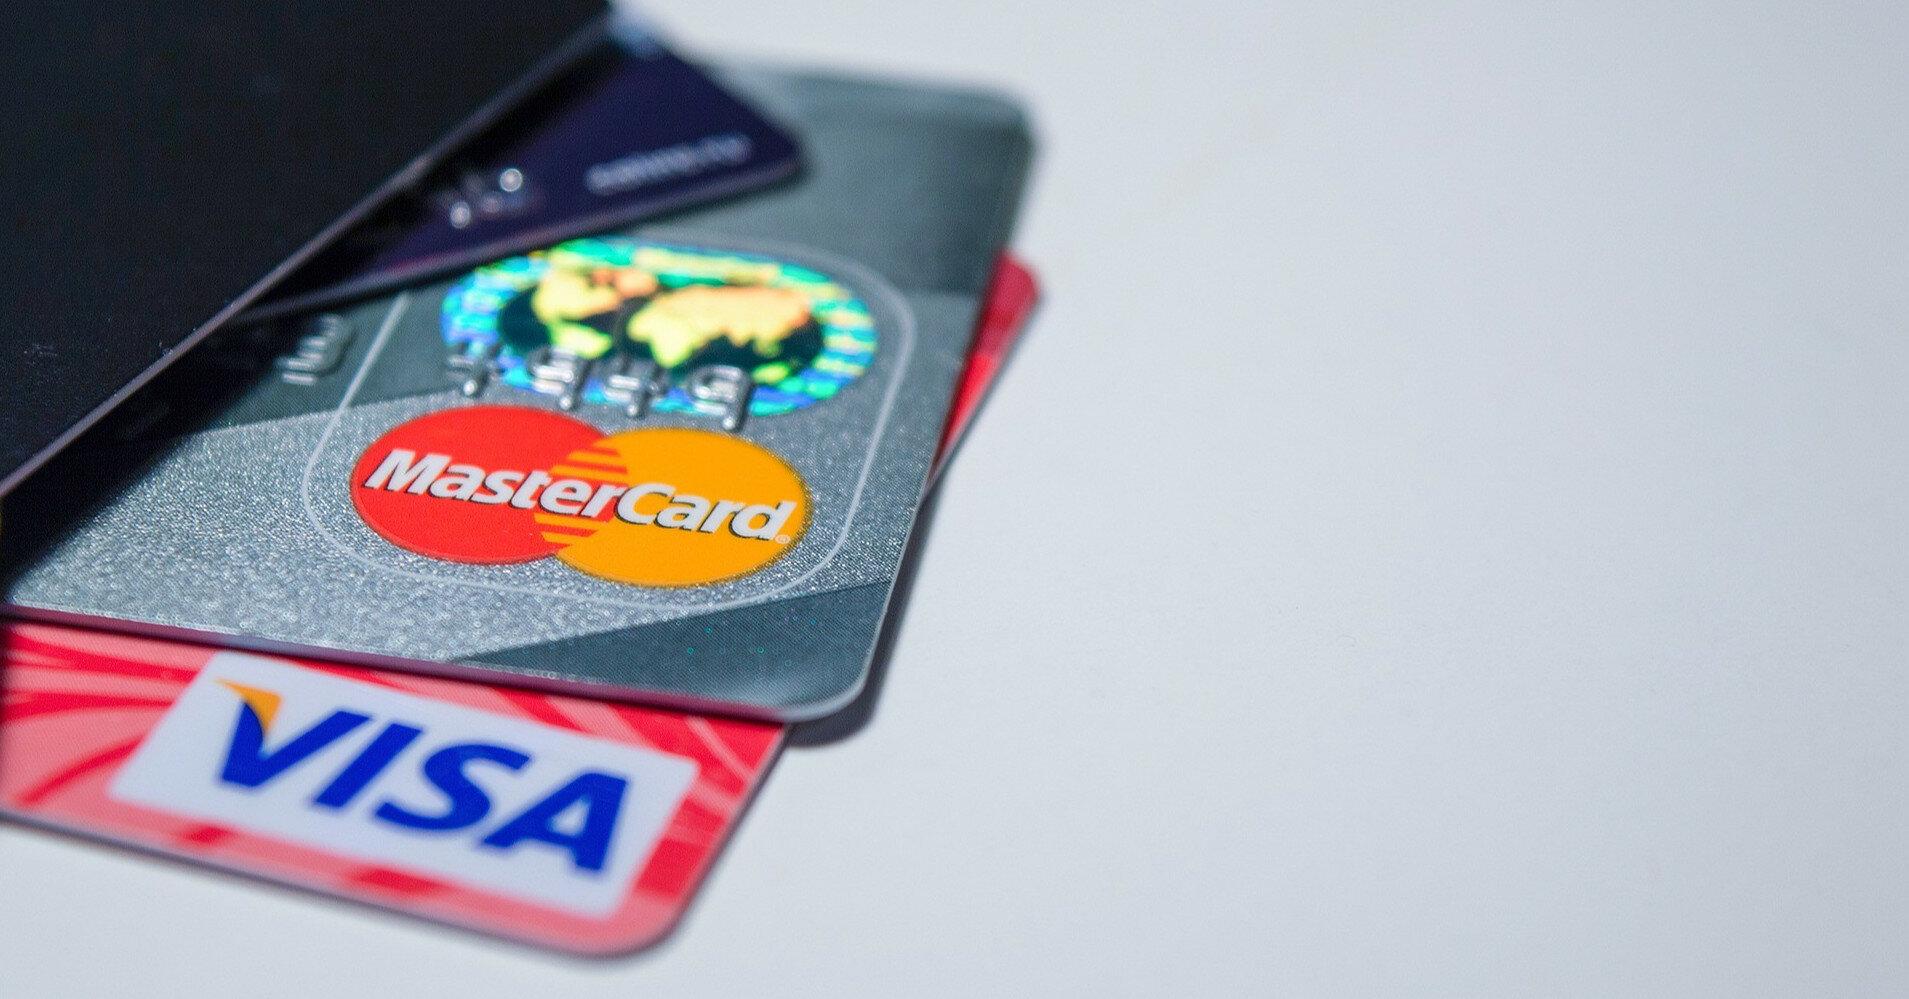 ПриватБанк пригрозил блокировать карточки: нужен документ